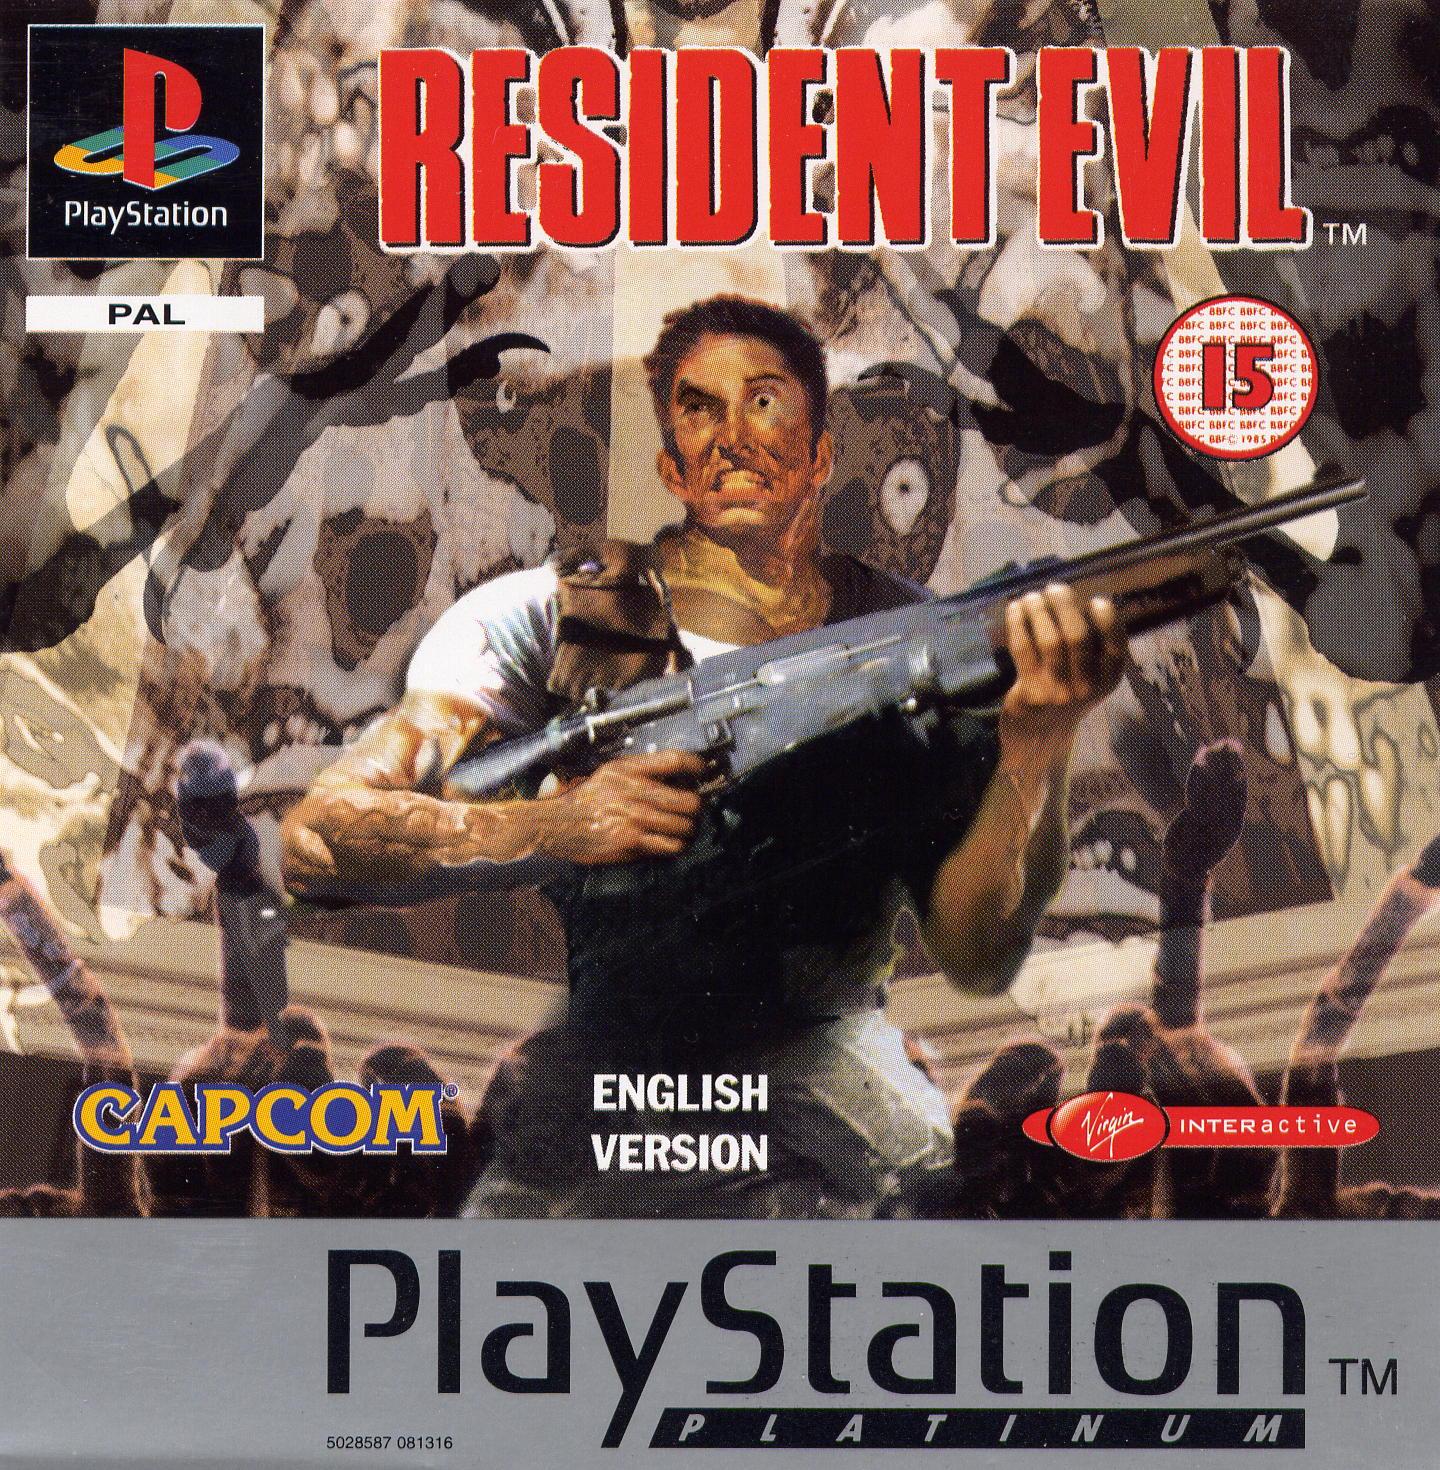 Resident_evil_platinum_pal.JPG.jpg